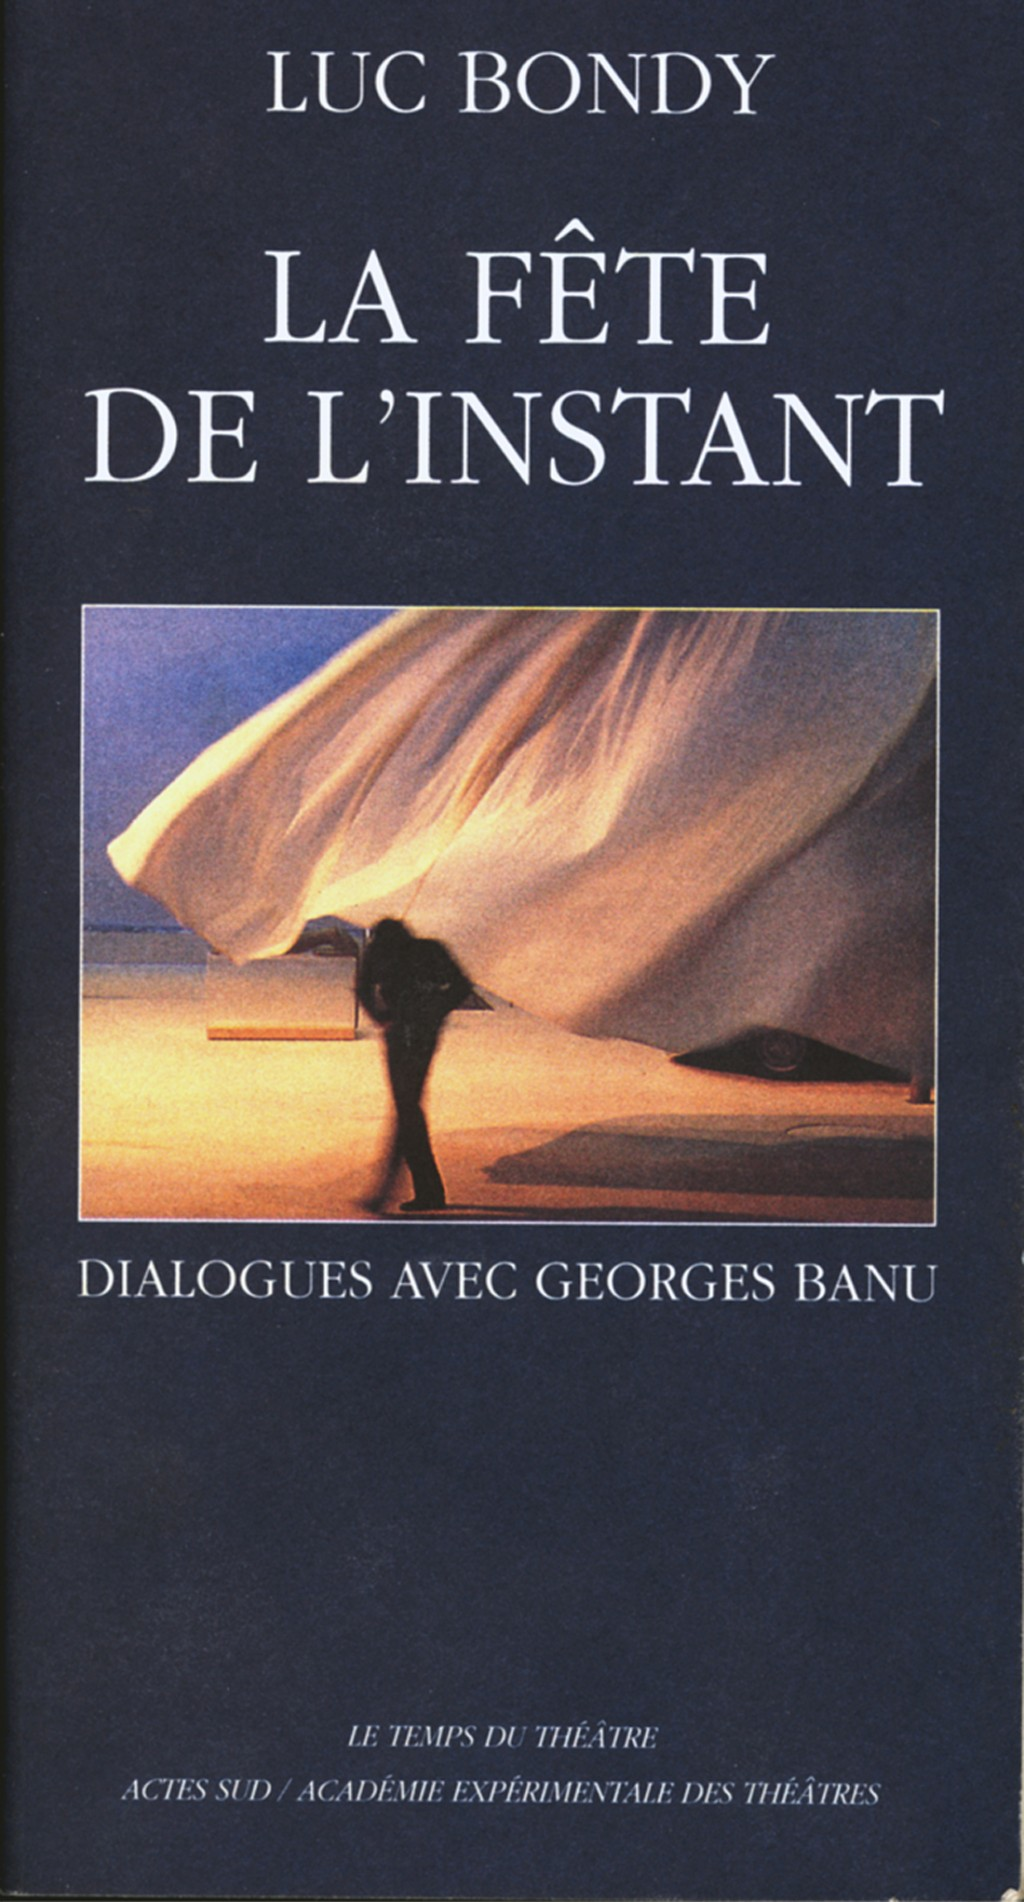 LUC BONDY - LA FÊTE DE L'INSTANT